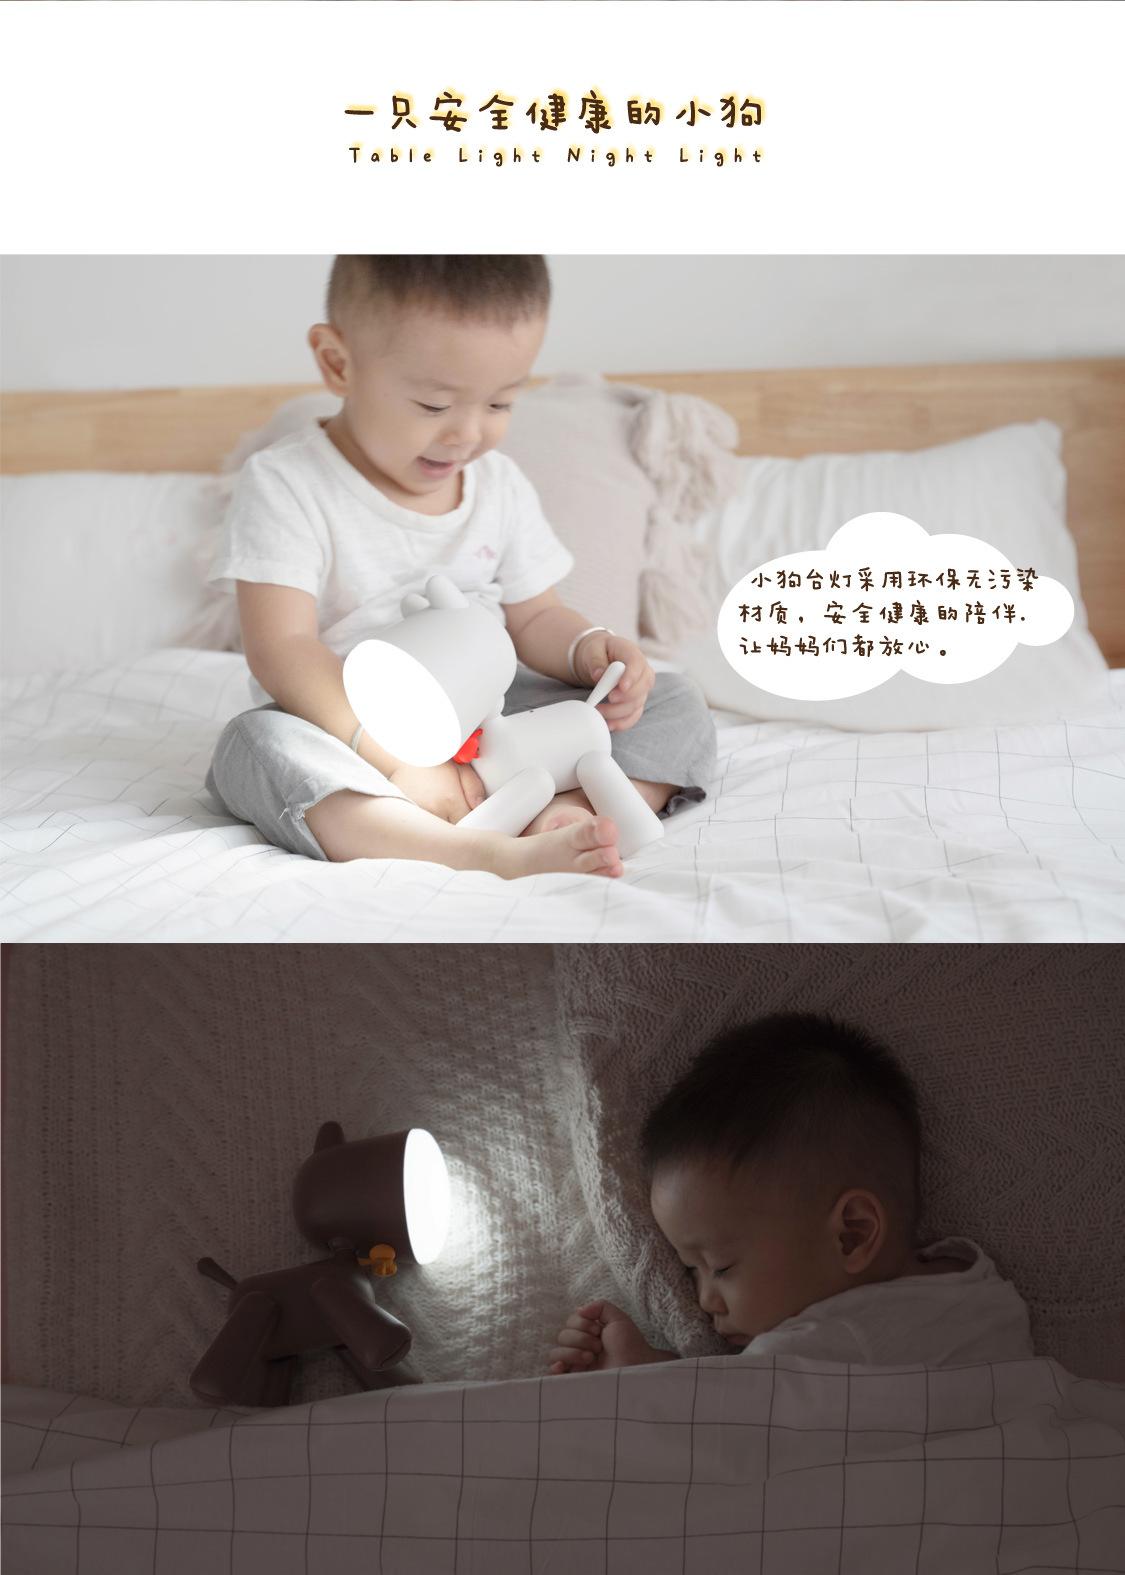 白色小狗灯伴读儿童小夜灯usb台灯